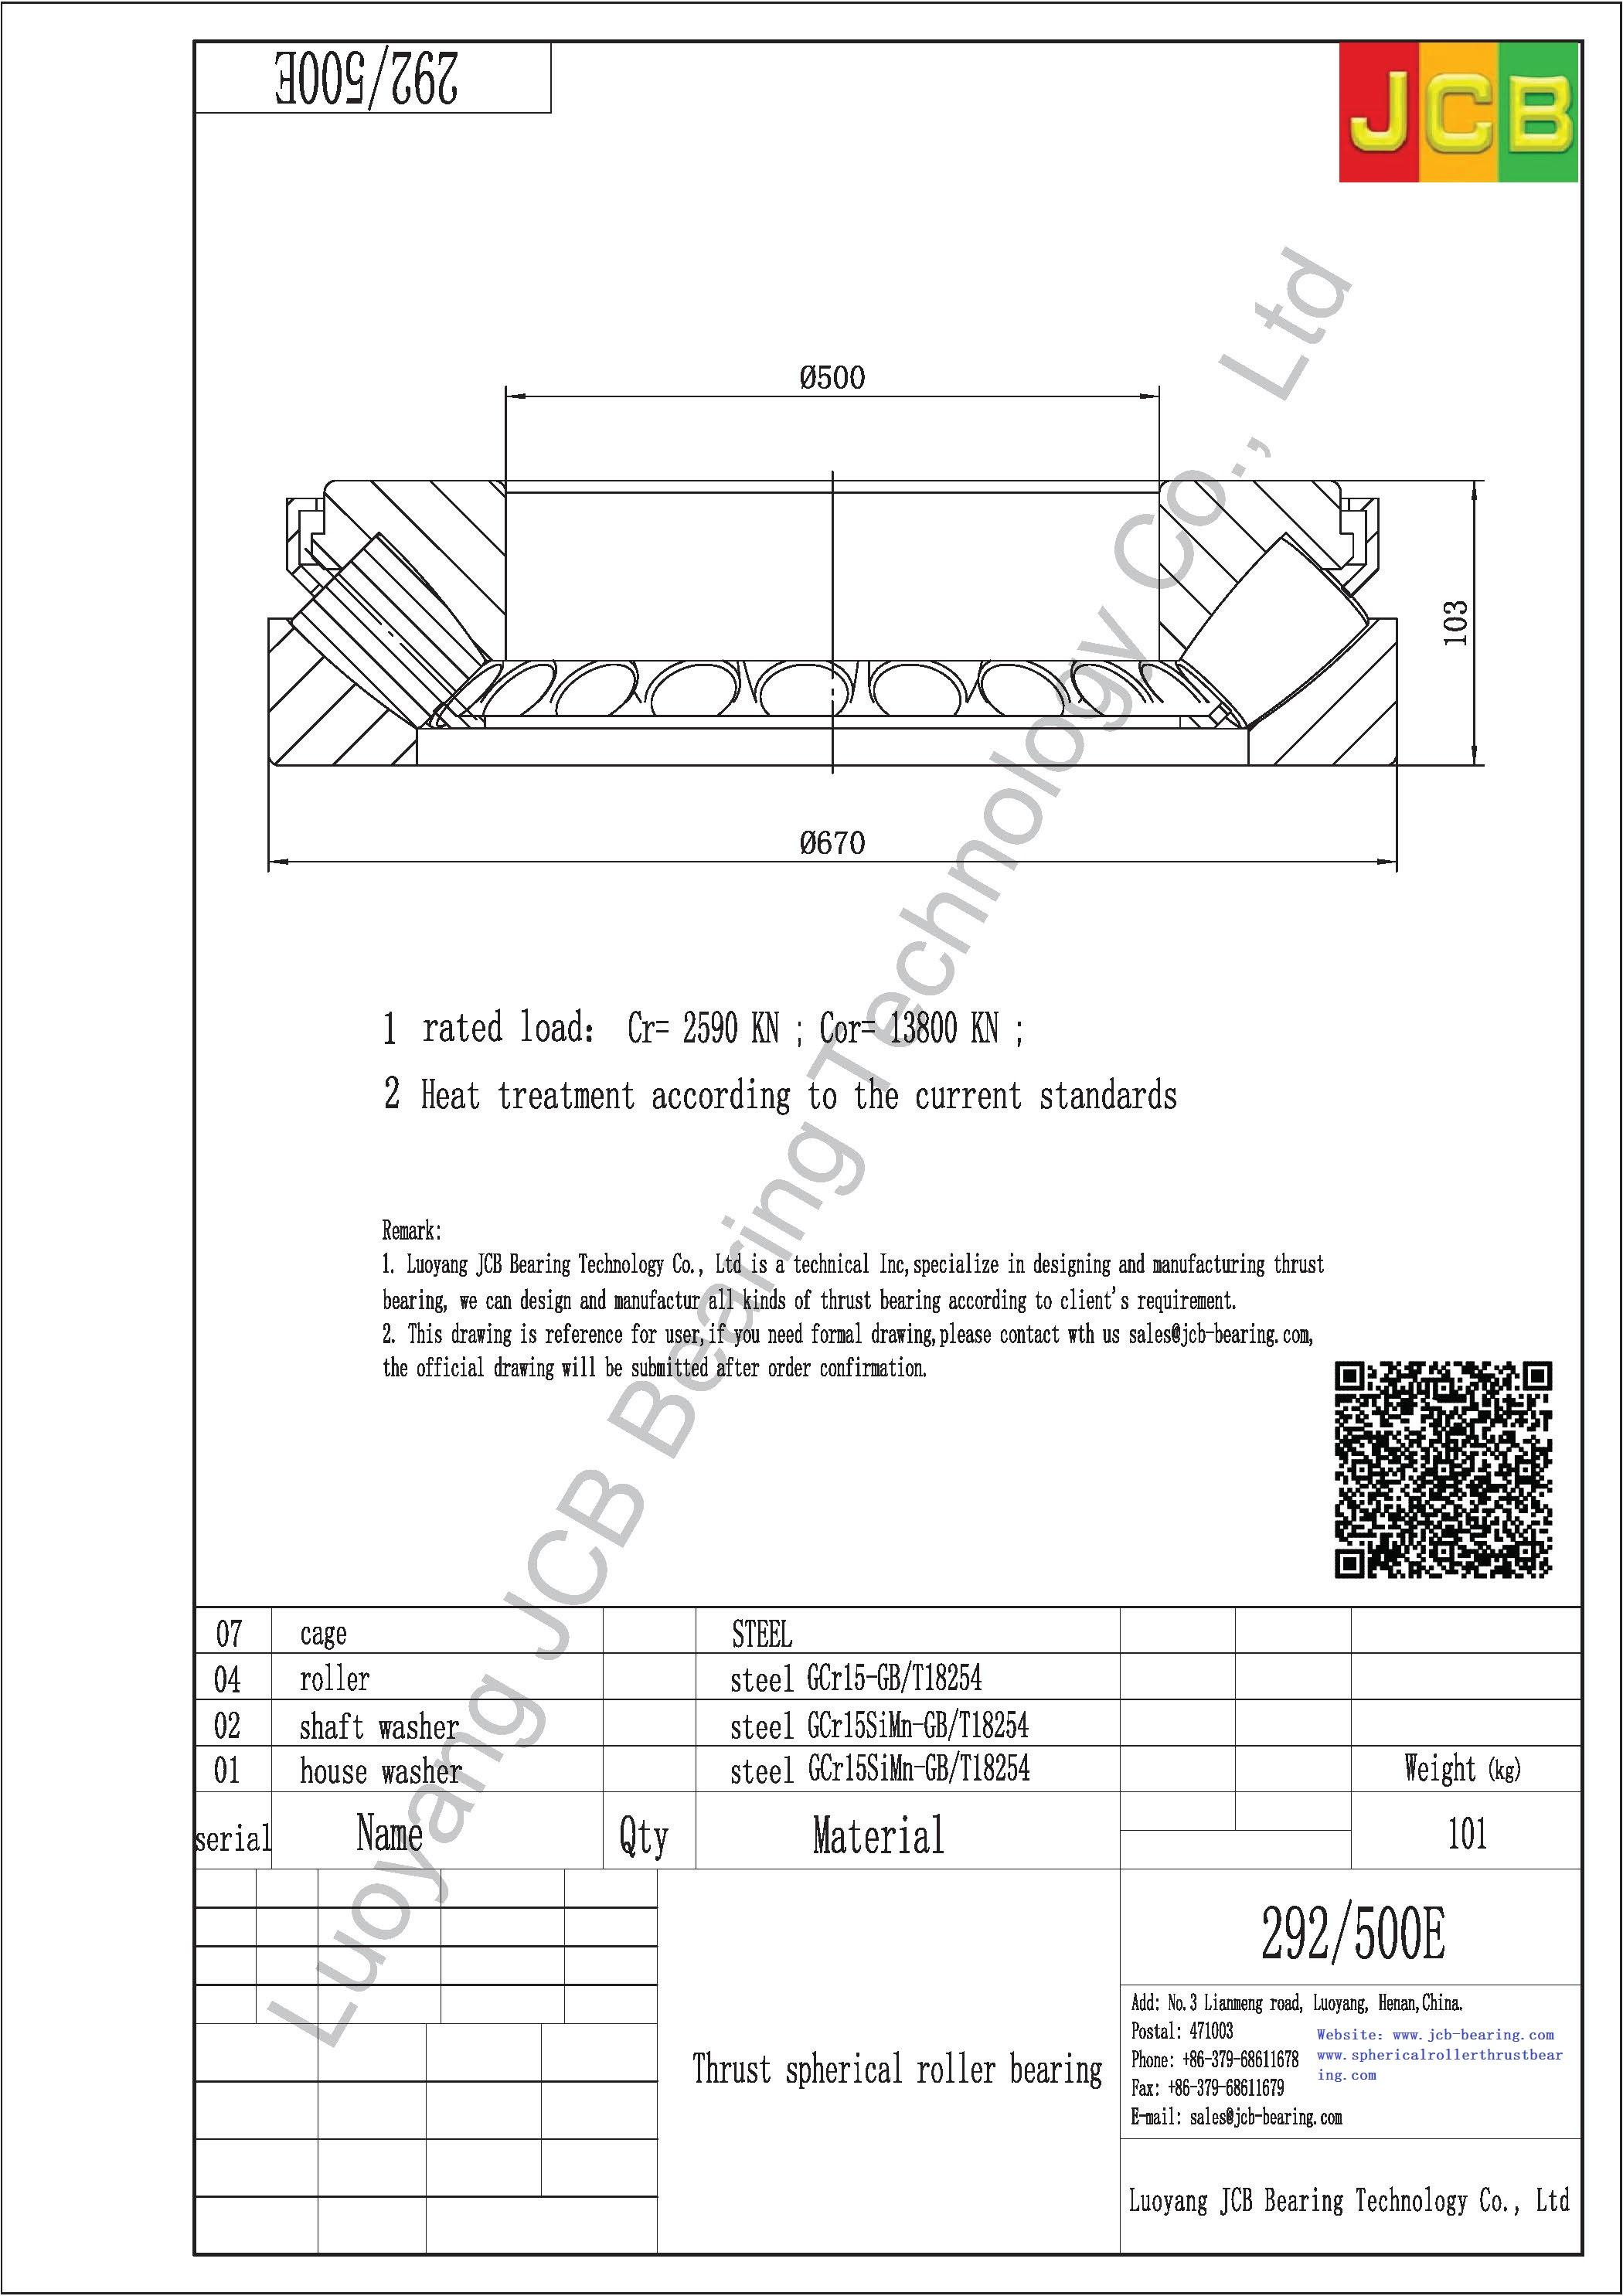 292/500 E spherical roller thrust bearing